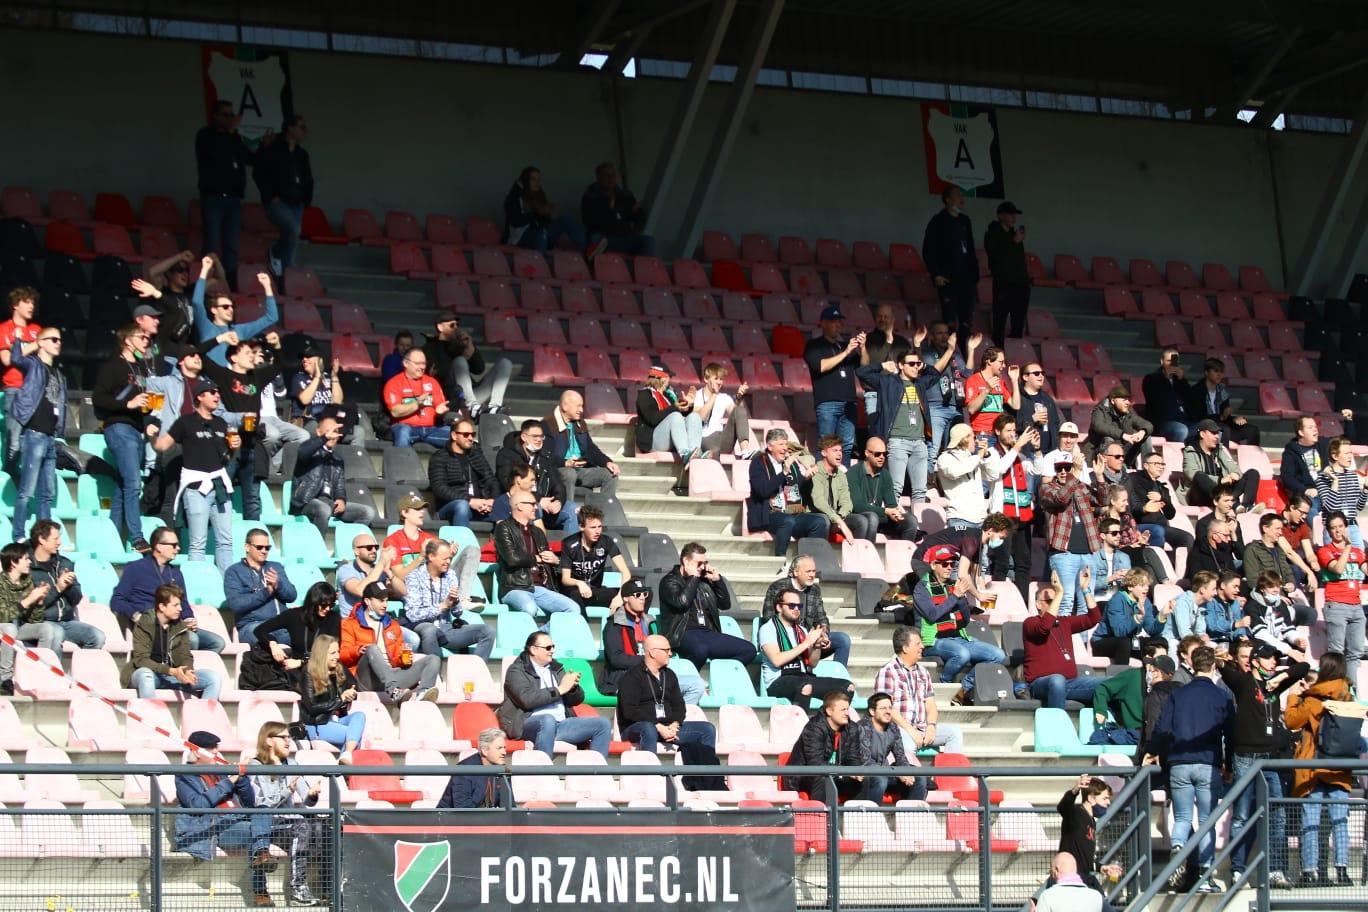 Publiek mogelijk eind april weer welkom in stadions